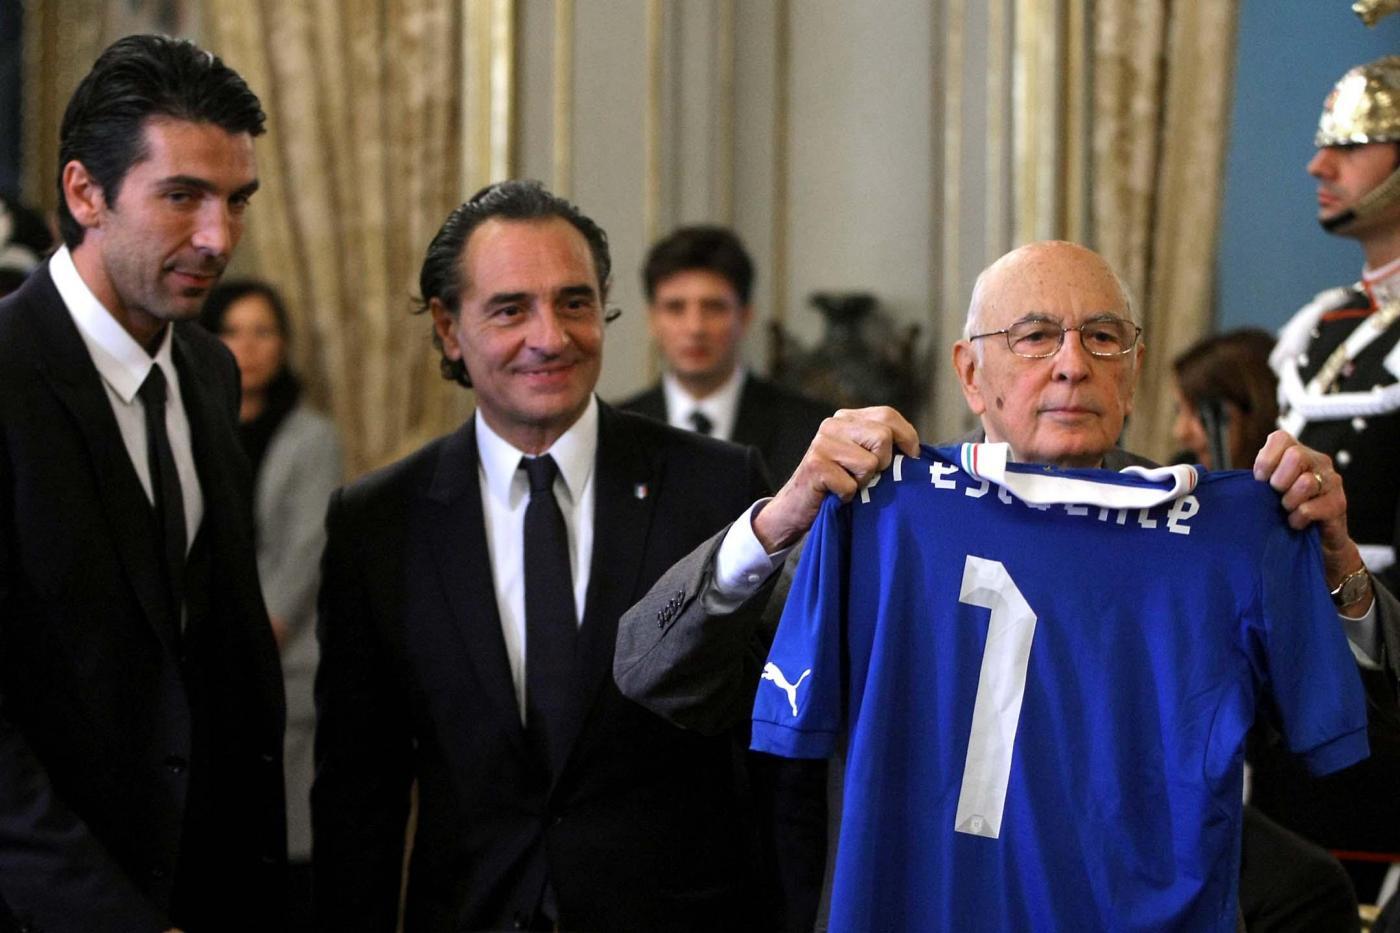 Napolitano invita gli azzurri a giocare con dignità, intelligenza e onore